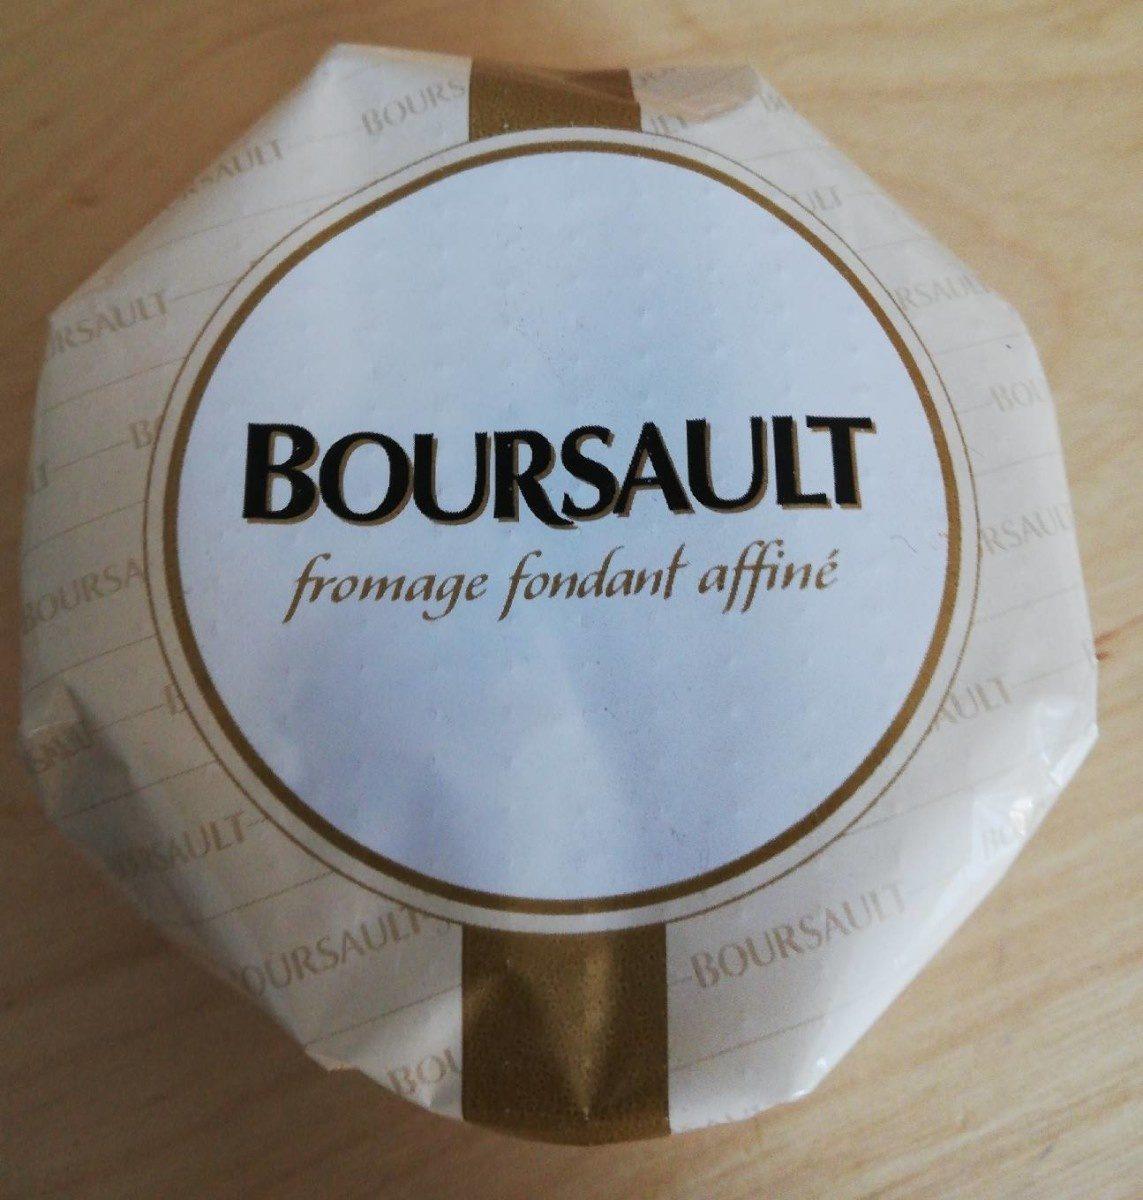 Boursault Maison Boursault 180 GR, 1 Pièce - Produit